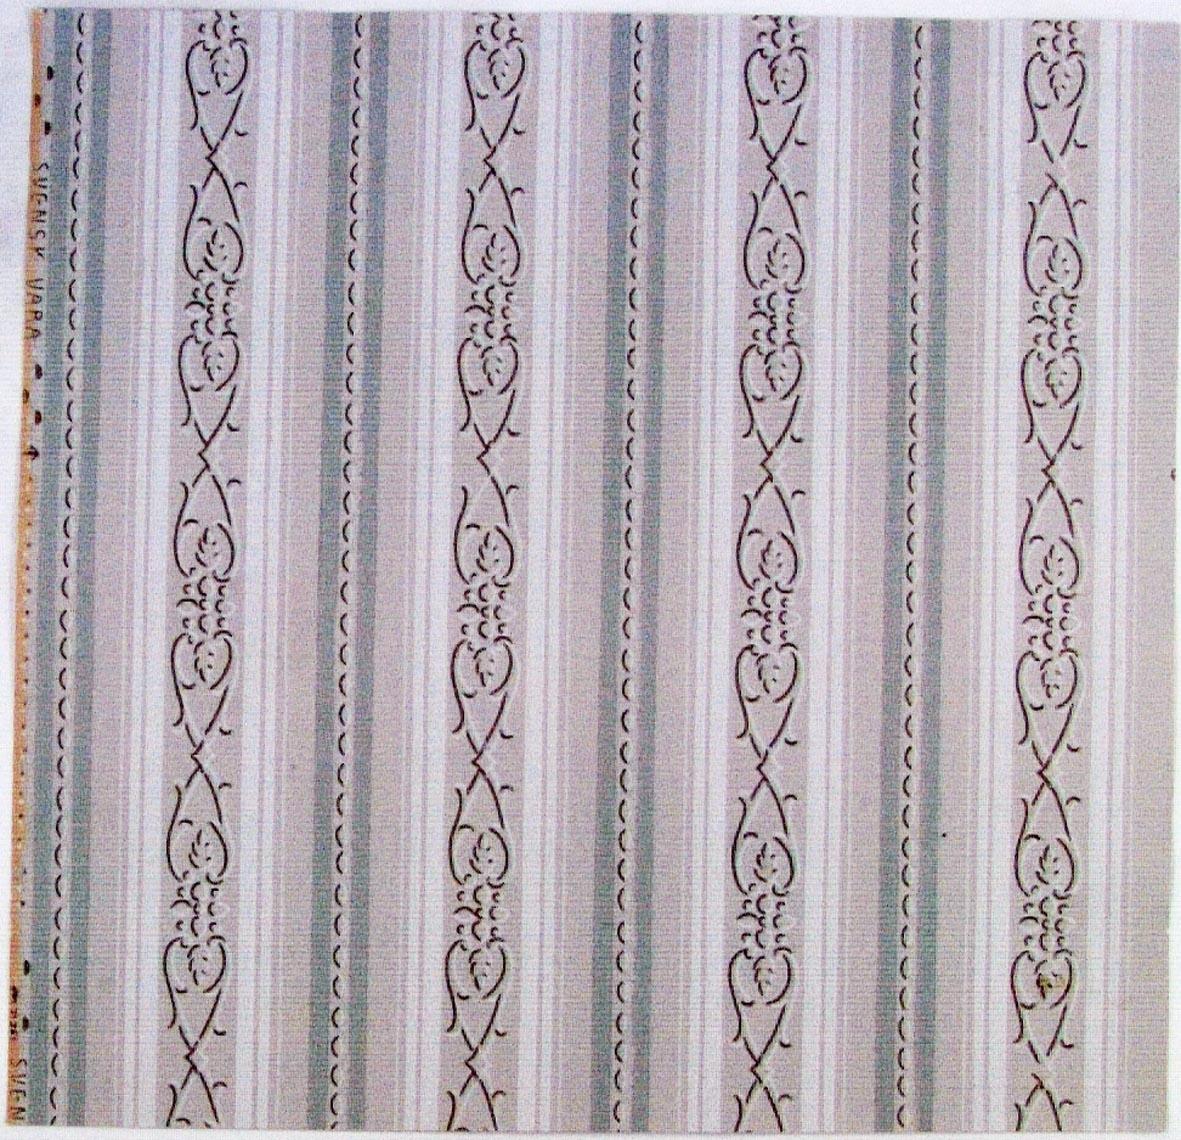 Randmönster i vitt, beige och grågrönt omväxlande med ett  sirligt lodrätt ornament i vitt och ljusbrunt.